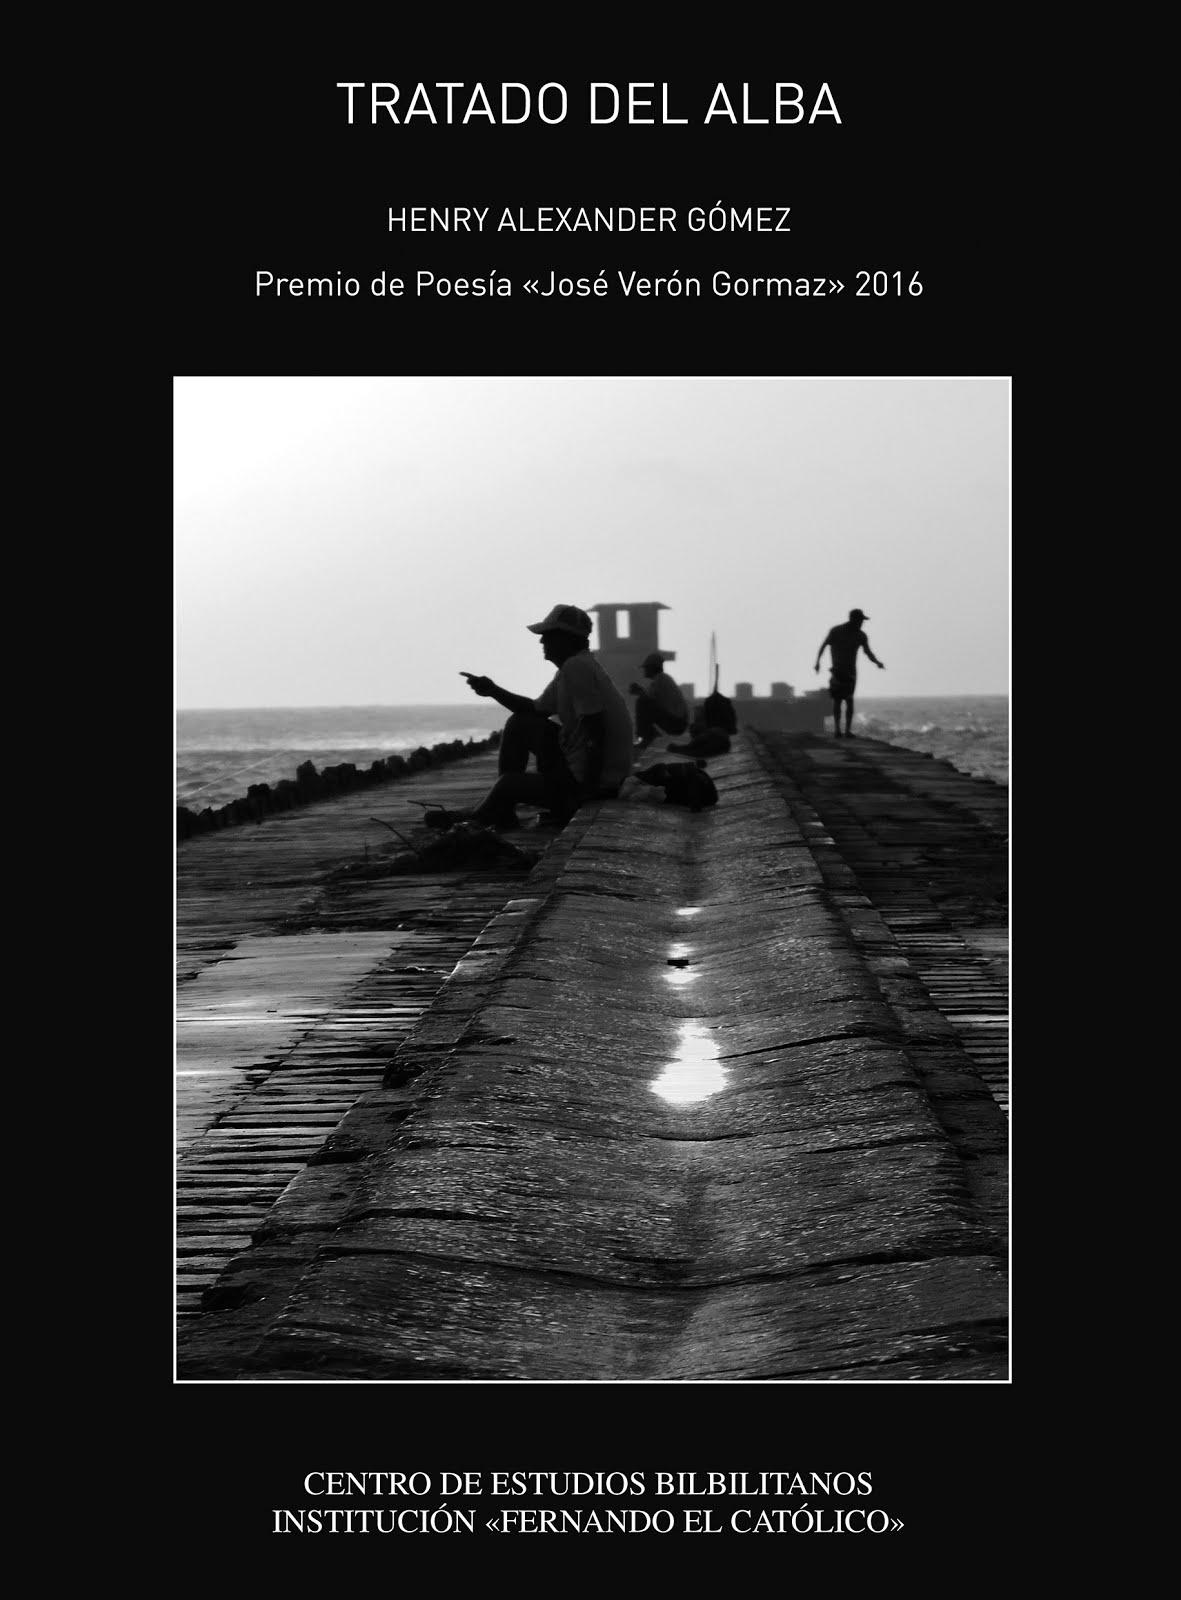 """Poemas del libro """"Tratado del alba"""""""